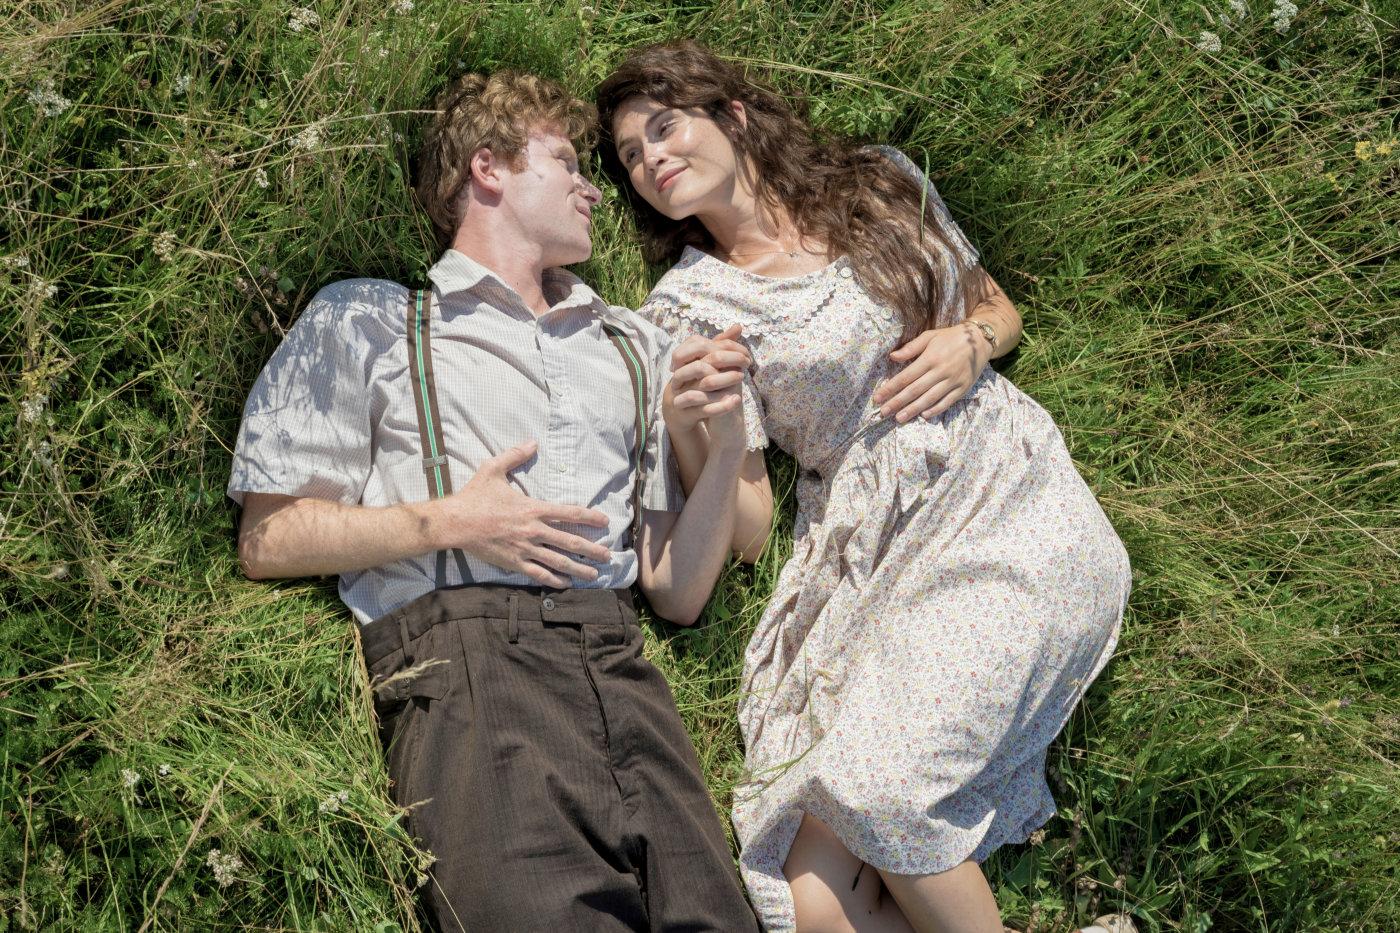 מתוך הסרט תולדות האהבה